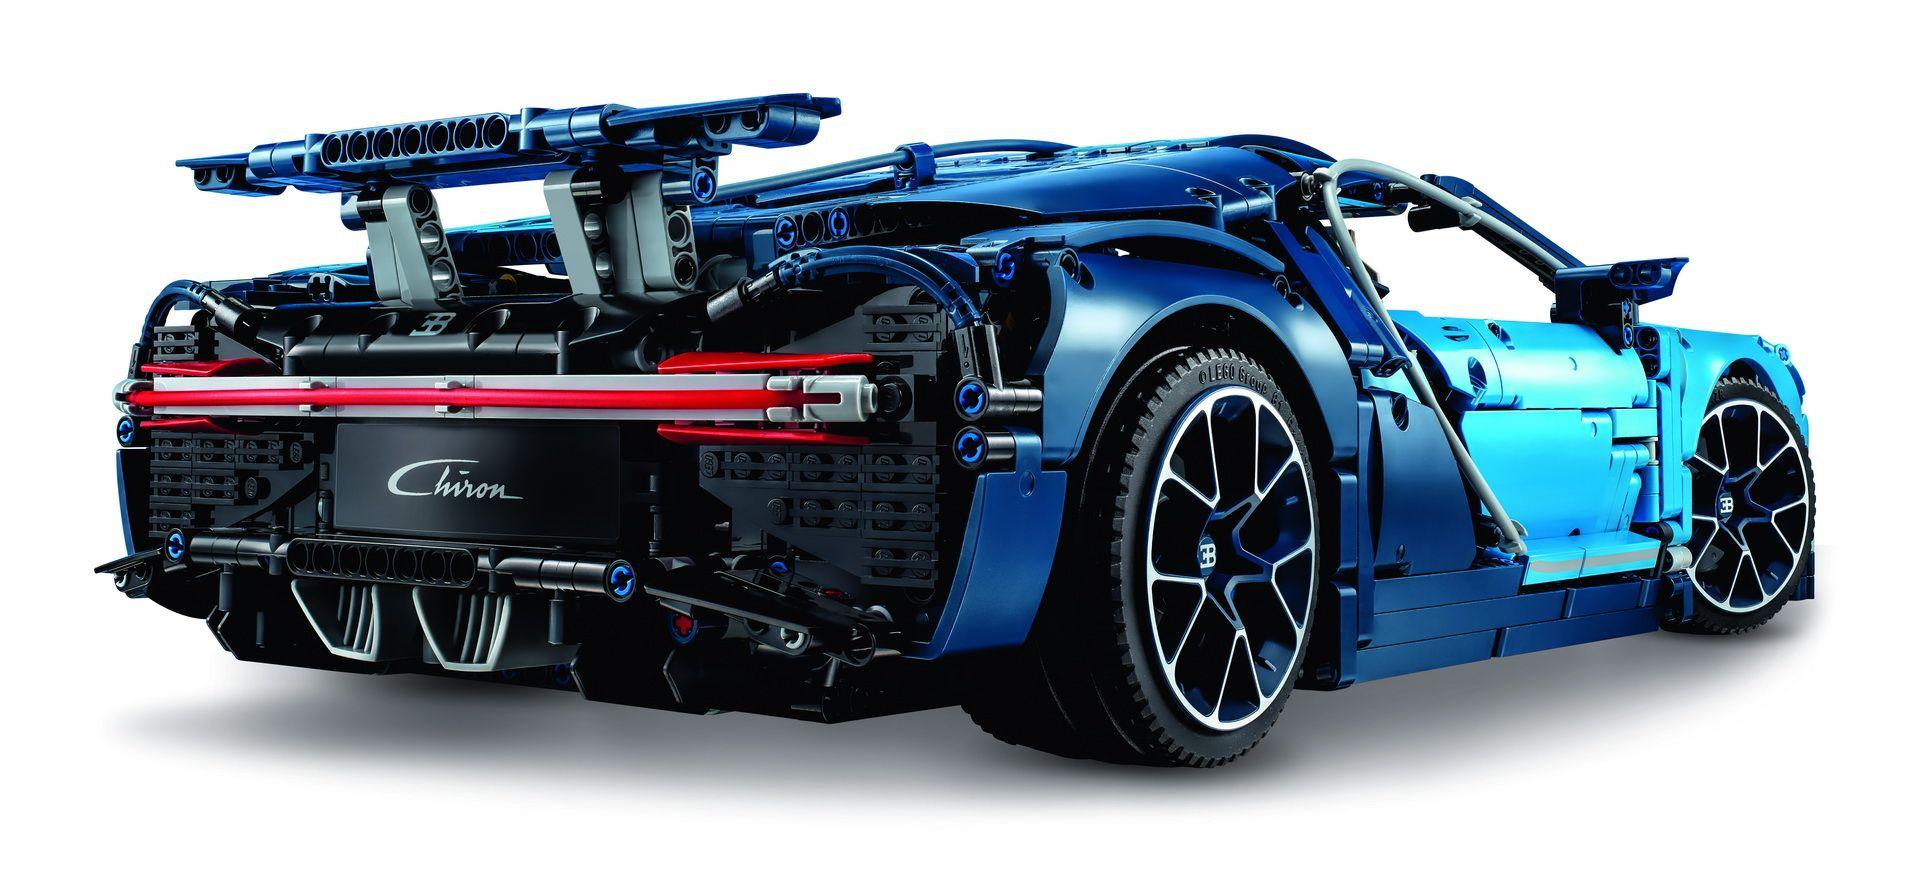 bugatti-chiron-lego-technic-2